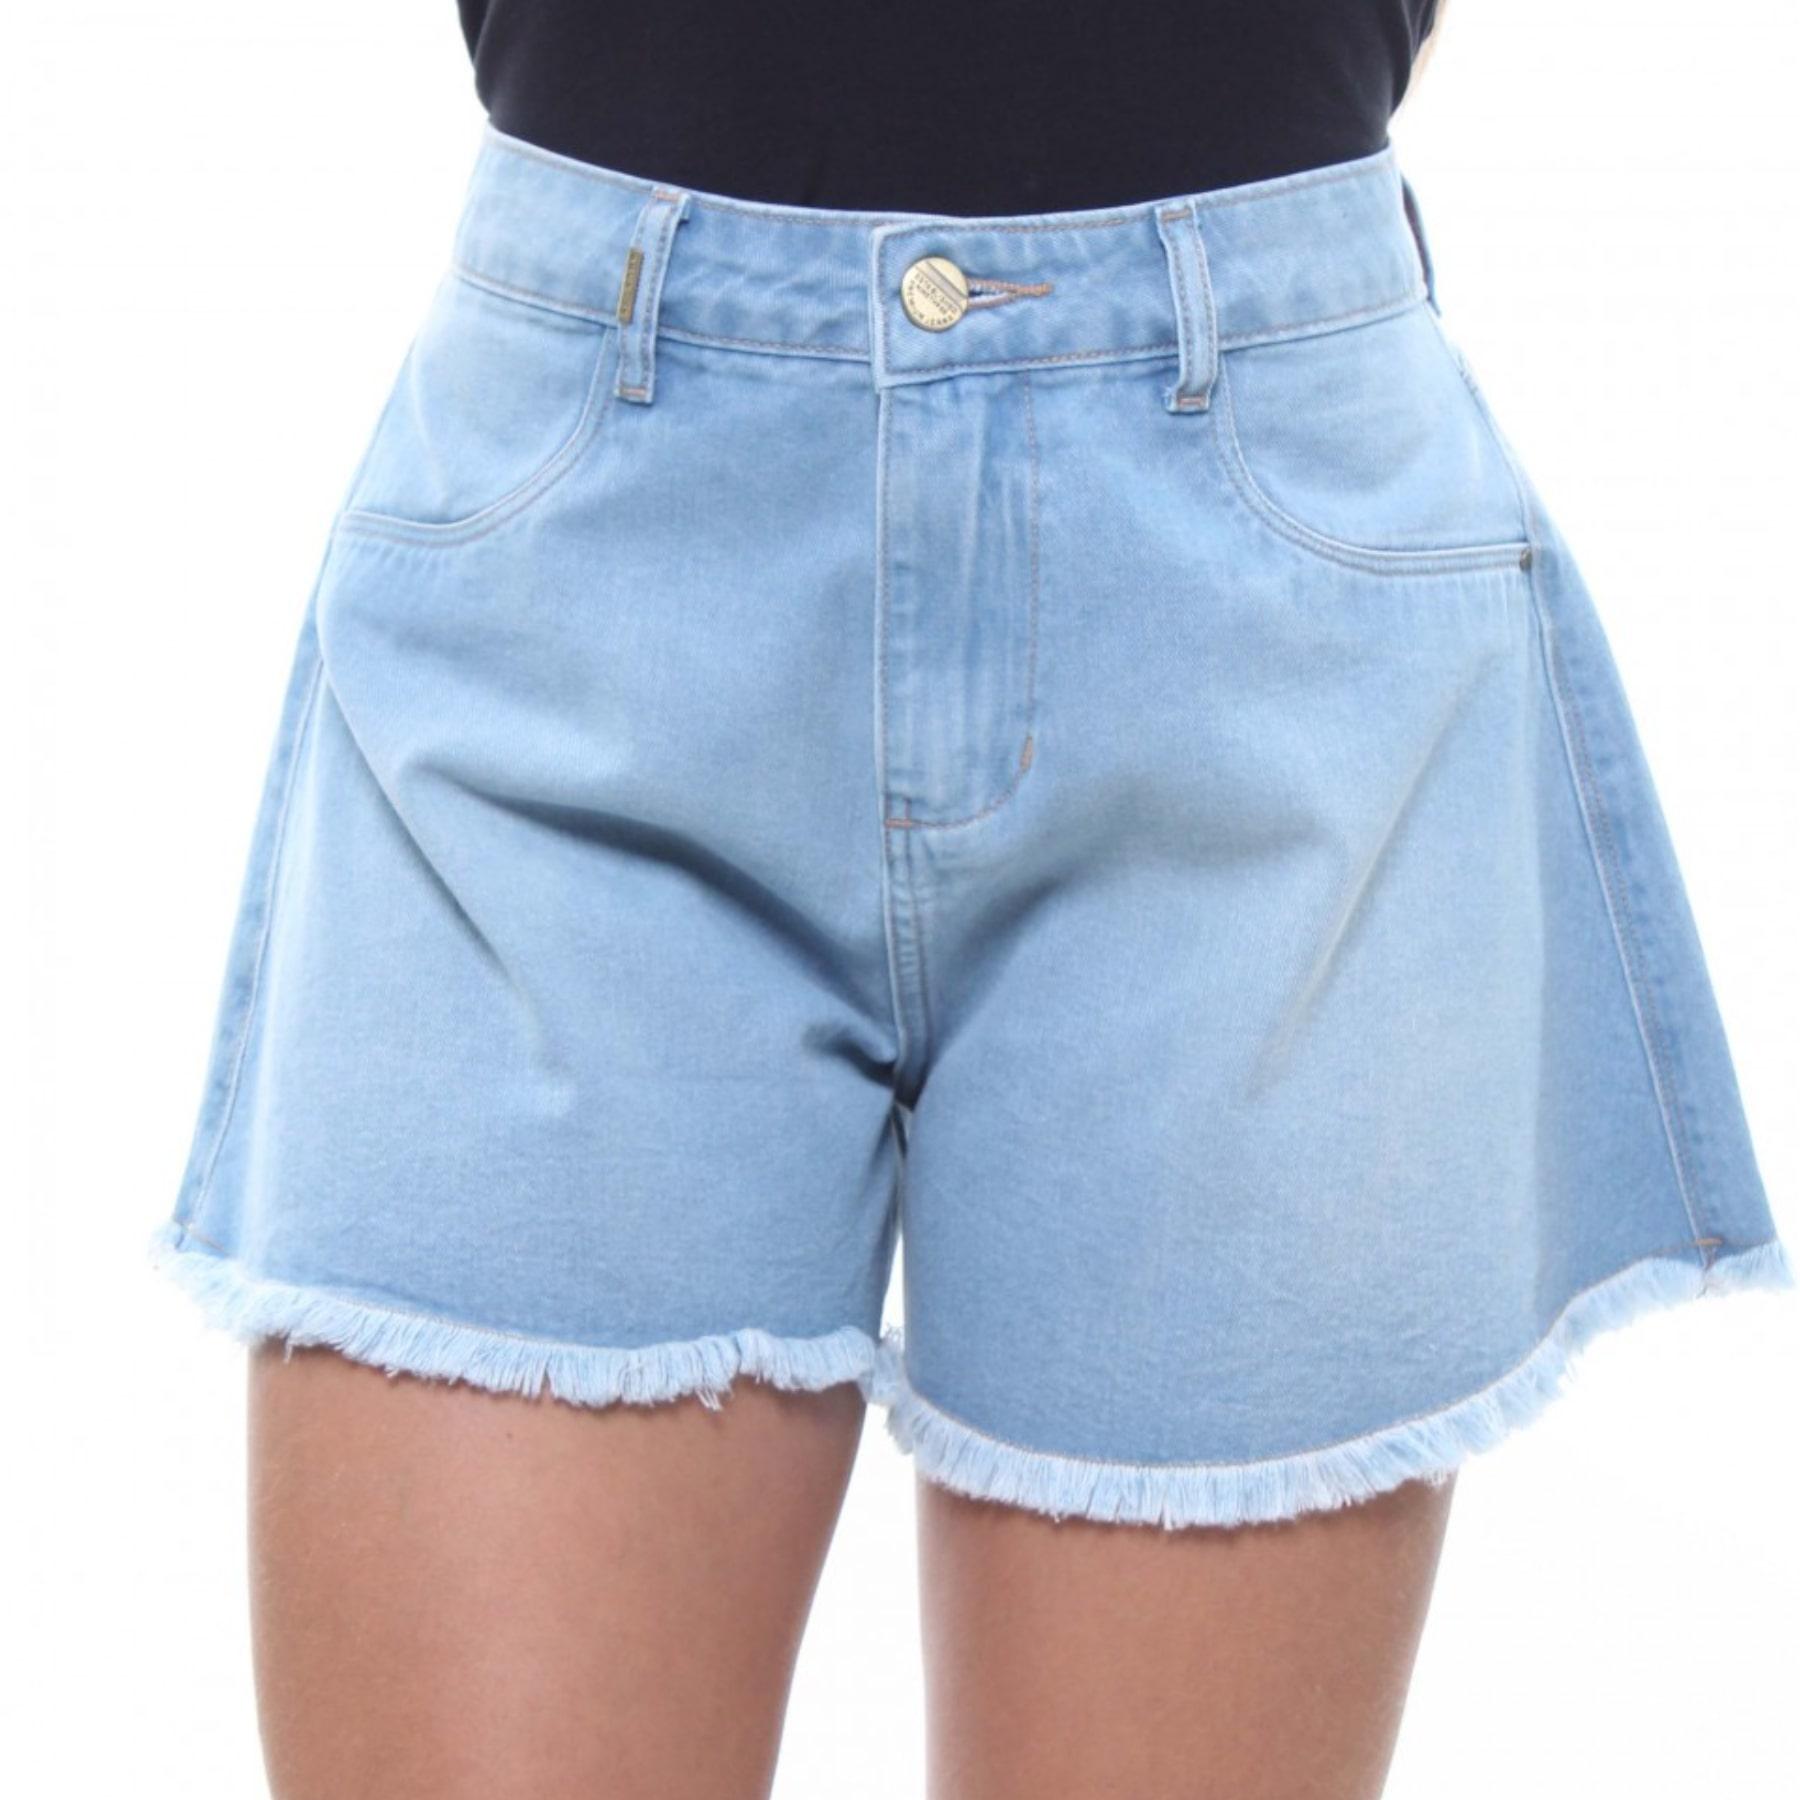 Shorts Jeans Feminino Flare Crocker Jeans Claro